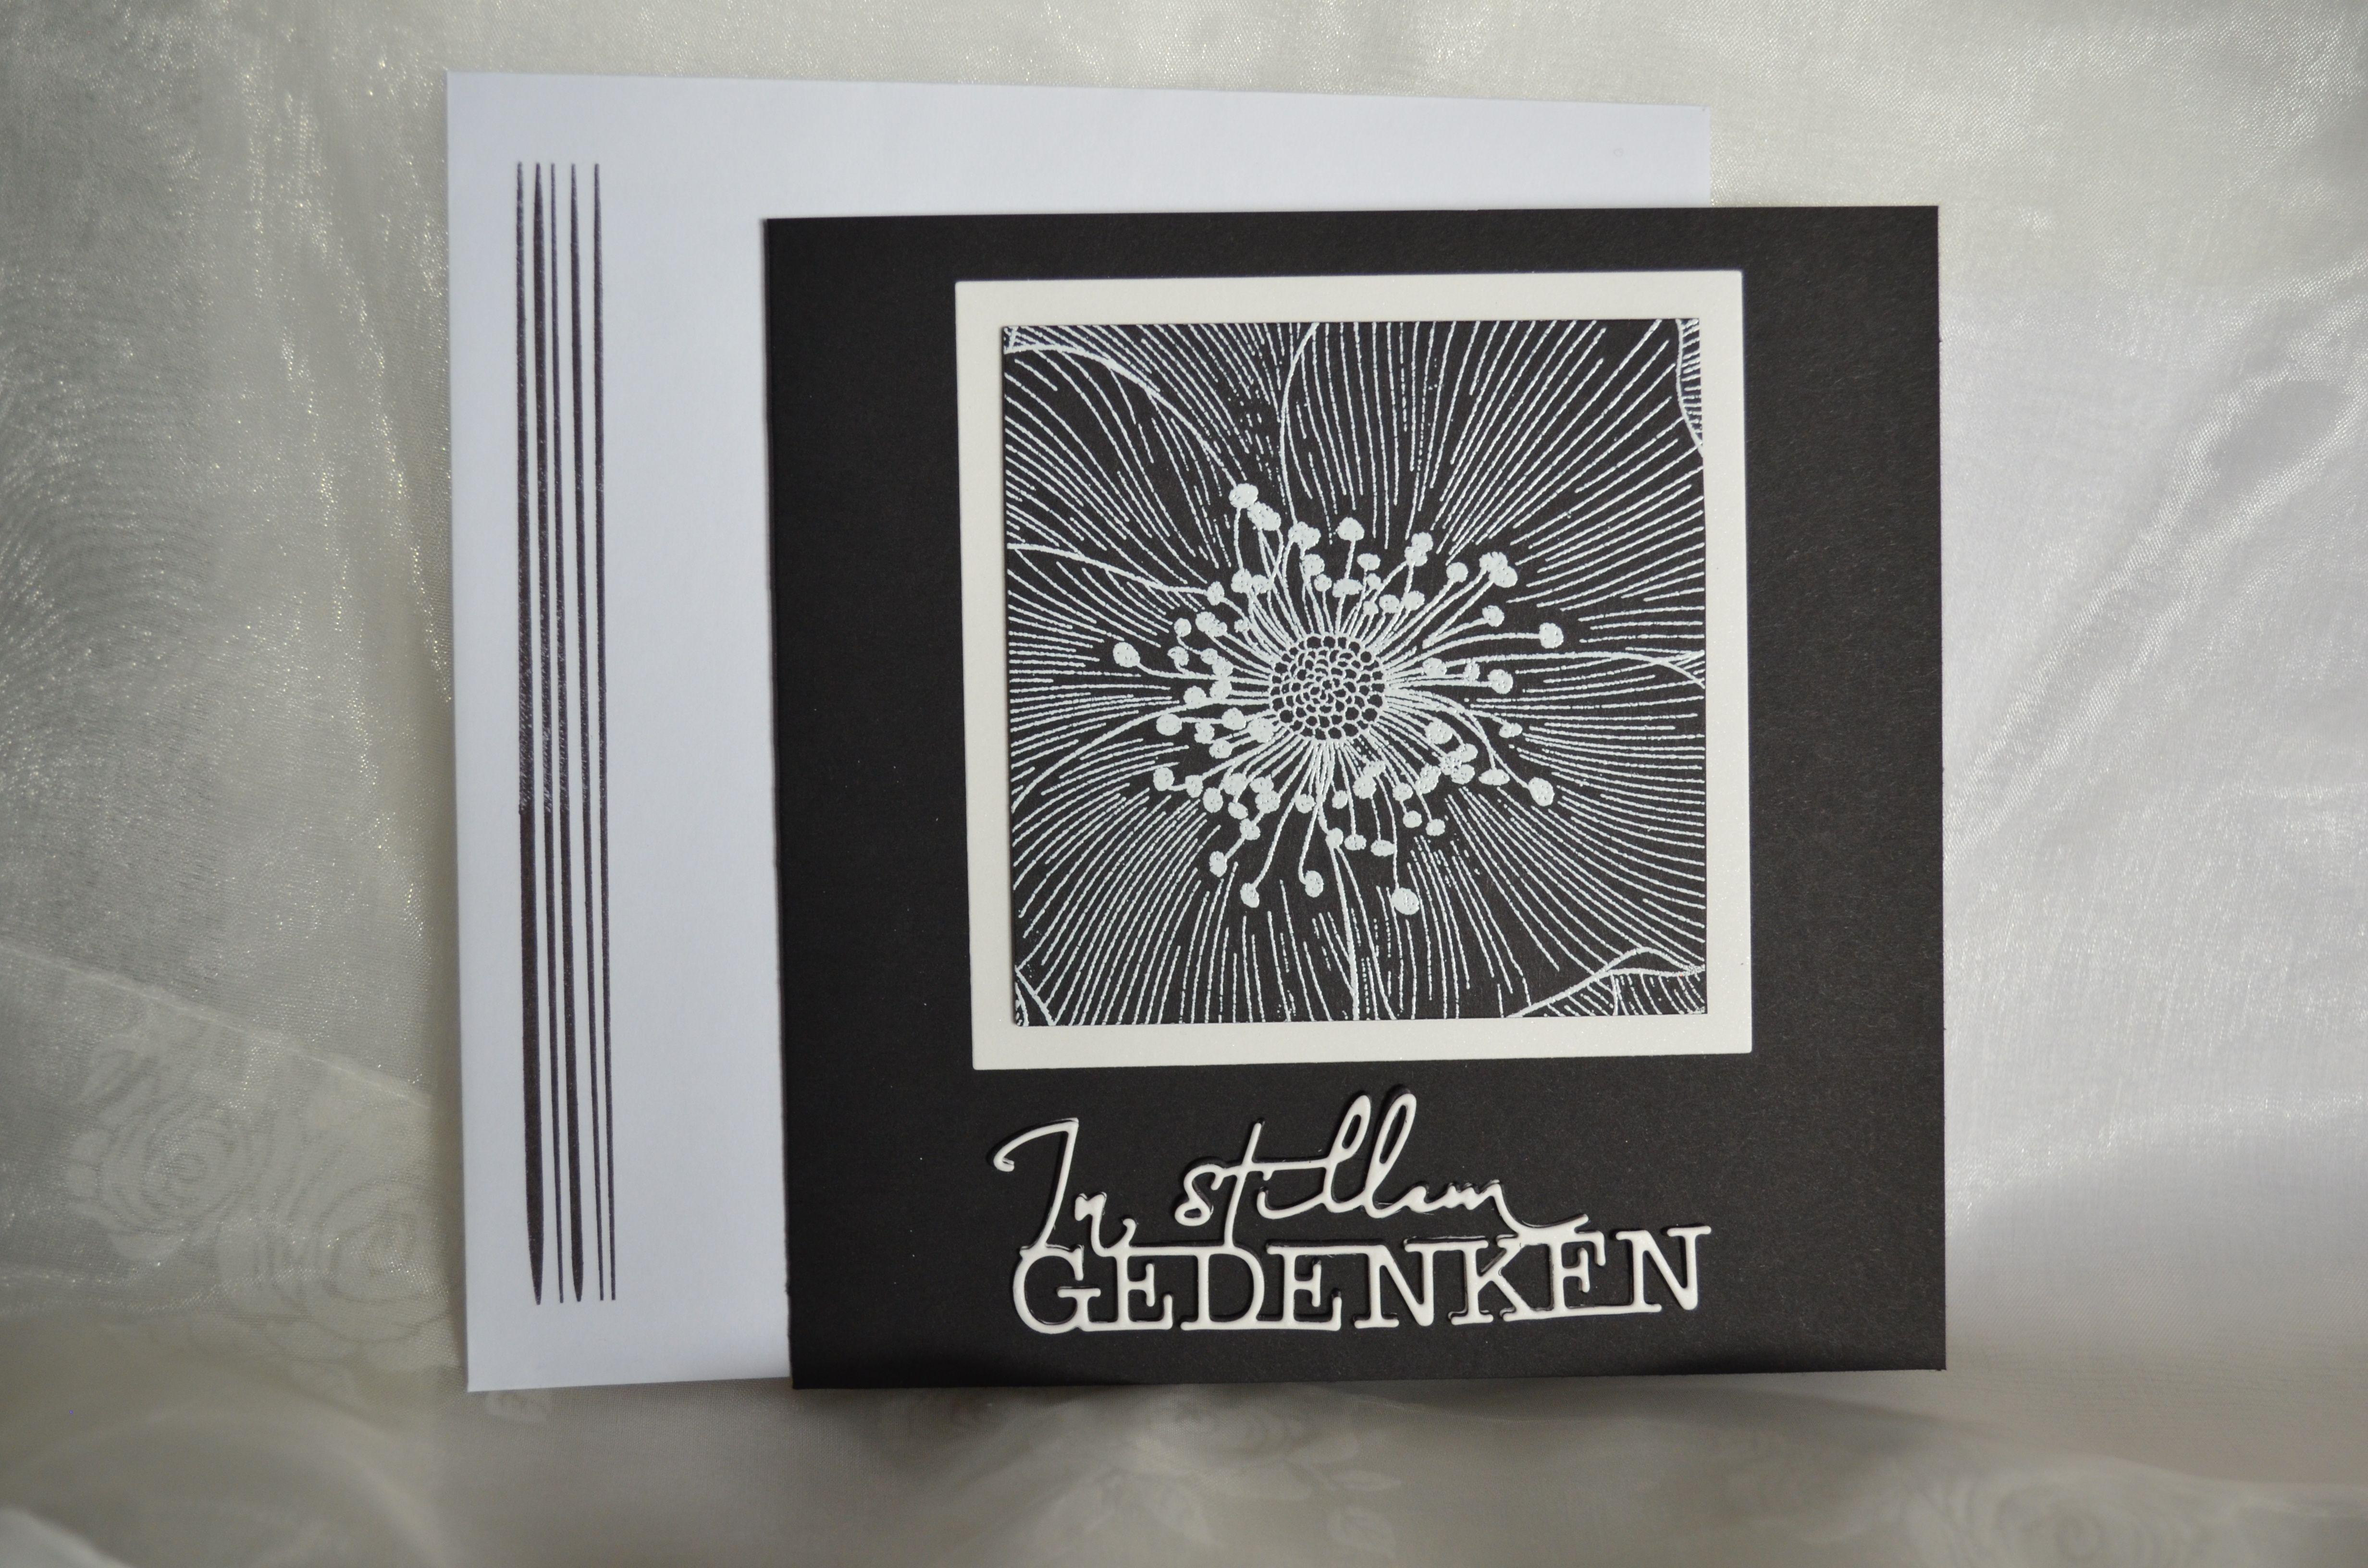 Trauerkarte In stillem Gedenken Schriftstanze Renke, Stempel ...